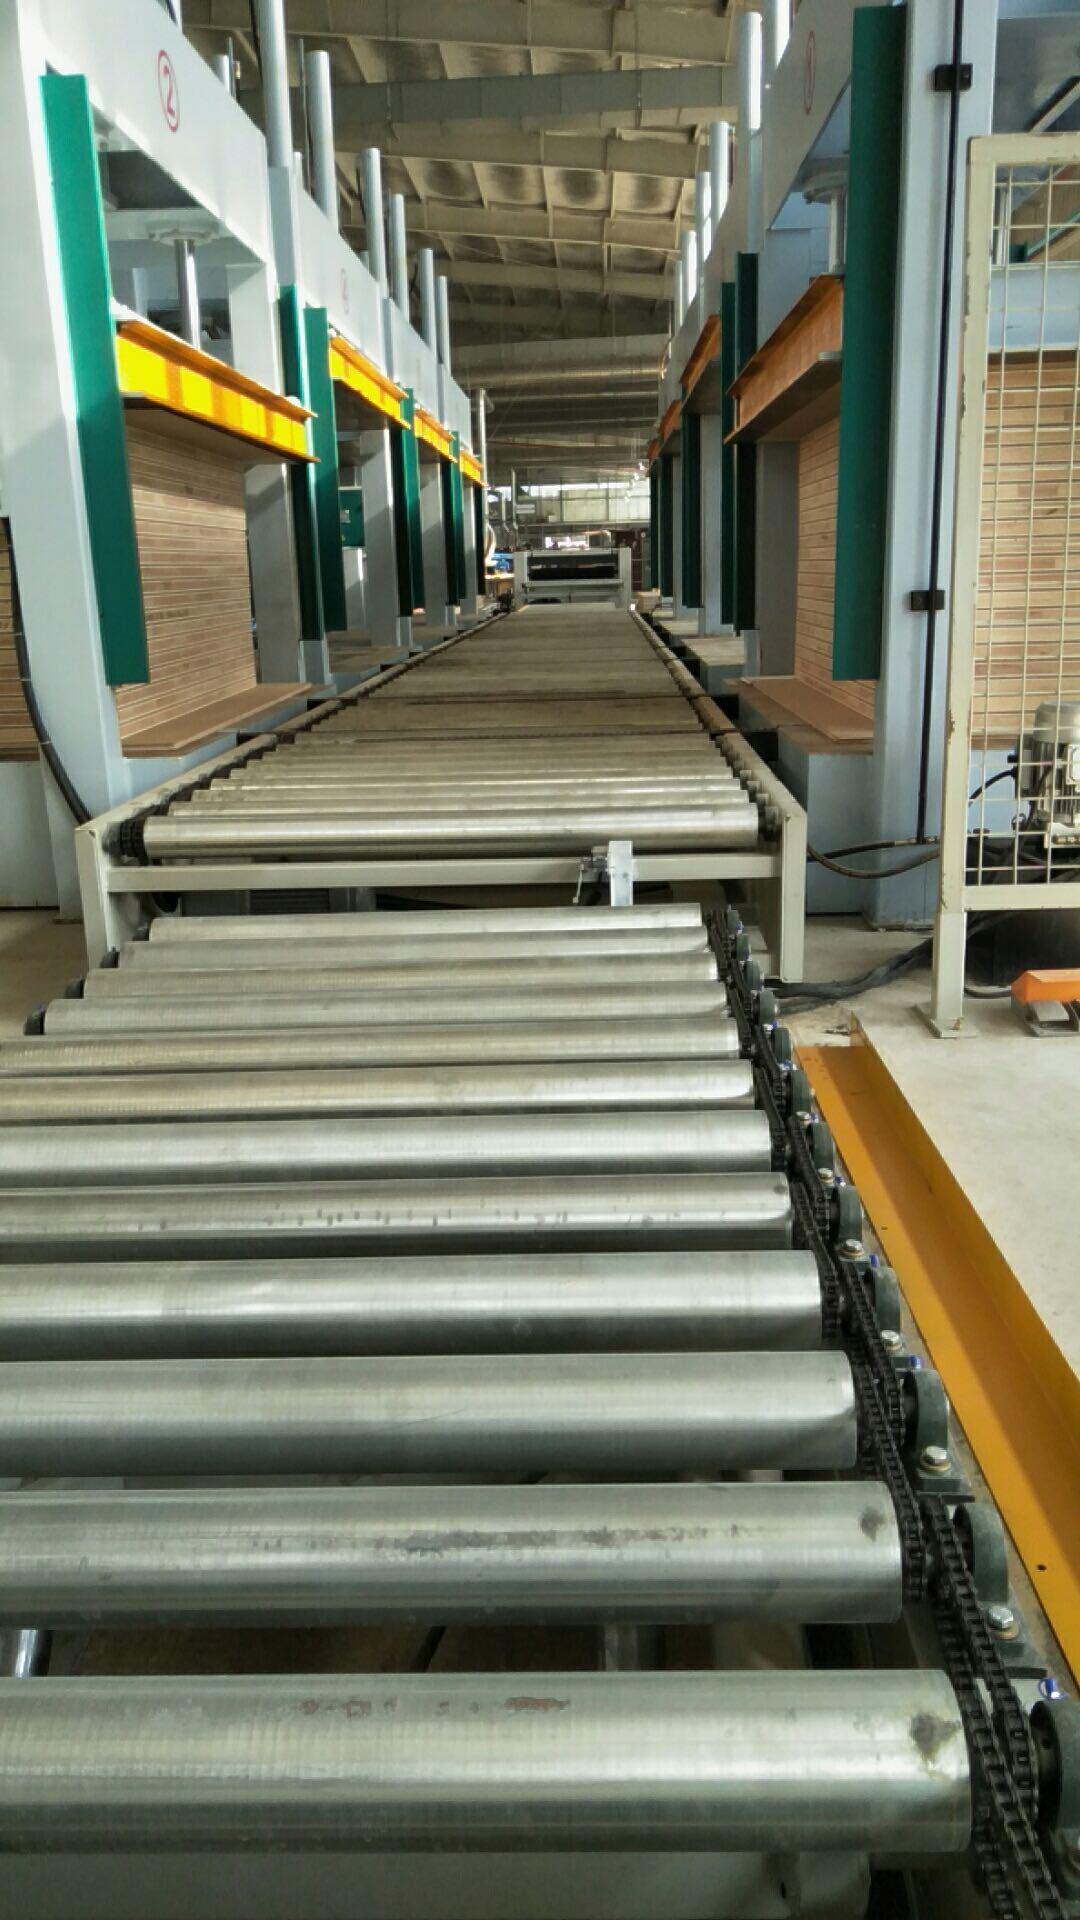 亨力特液壓全自動輸送冷壓機HLT3248-50t,木工家具板材復合冷壓機示例圖4